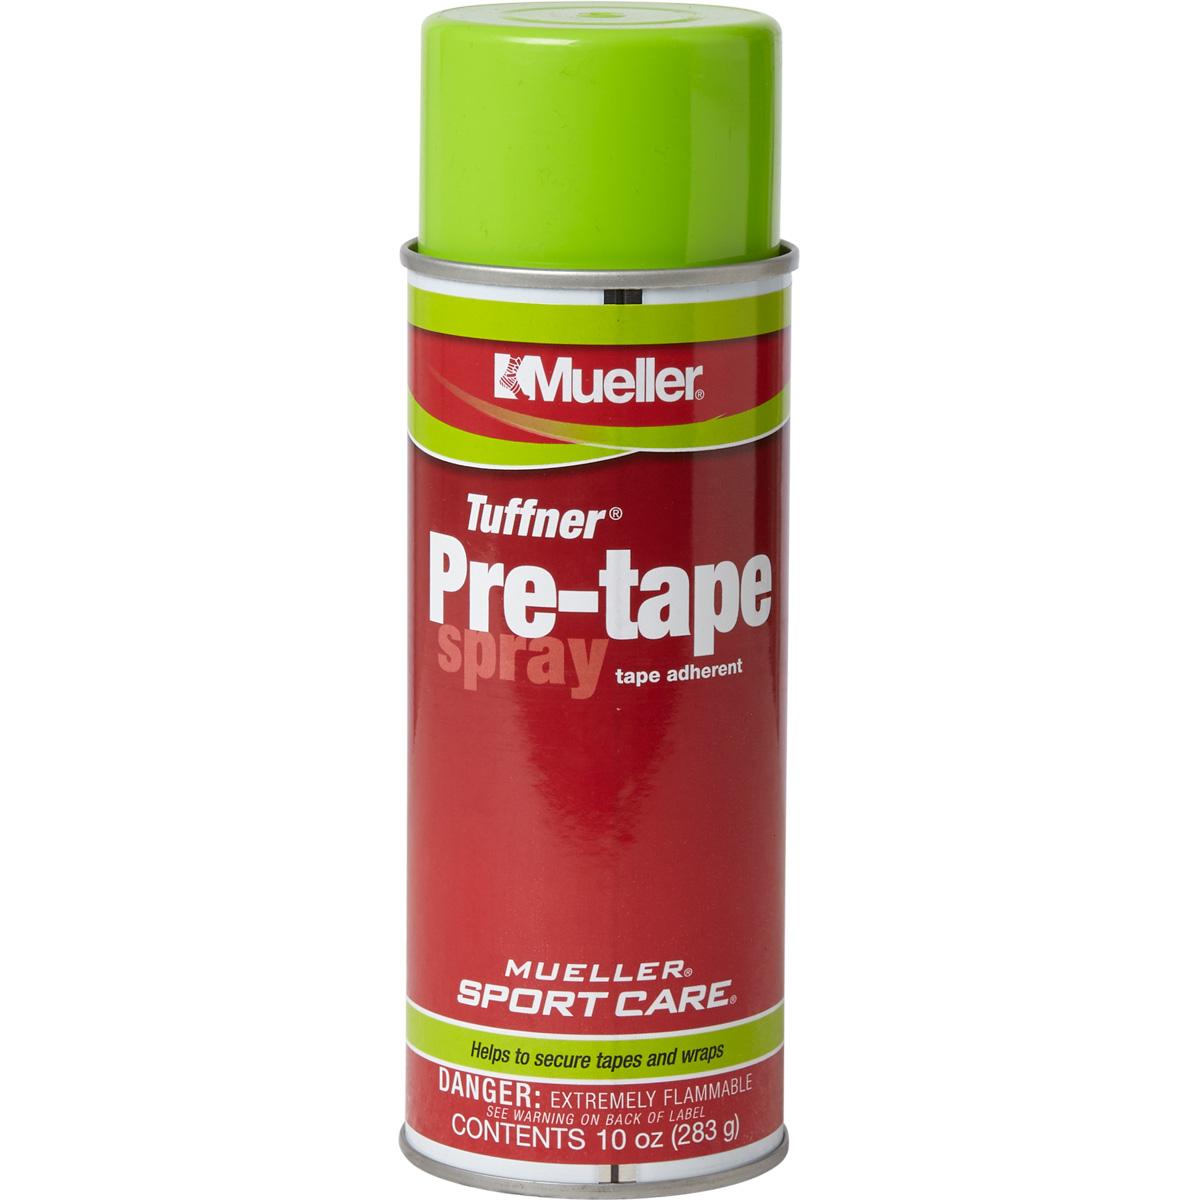 Tuffner Pre-tape Spray - 300 ml